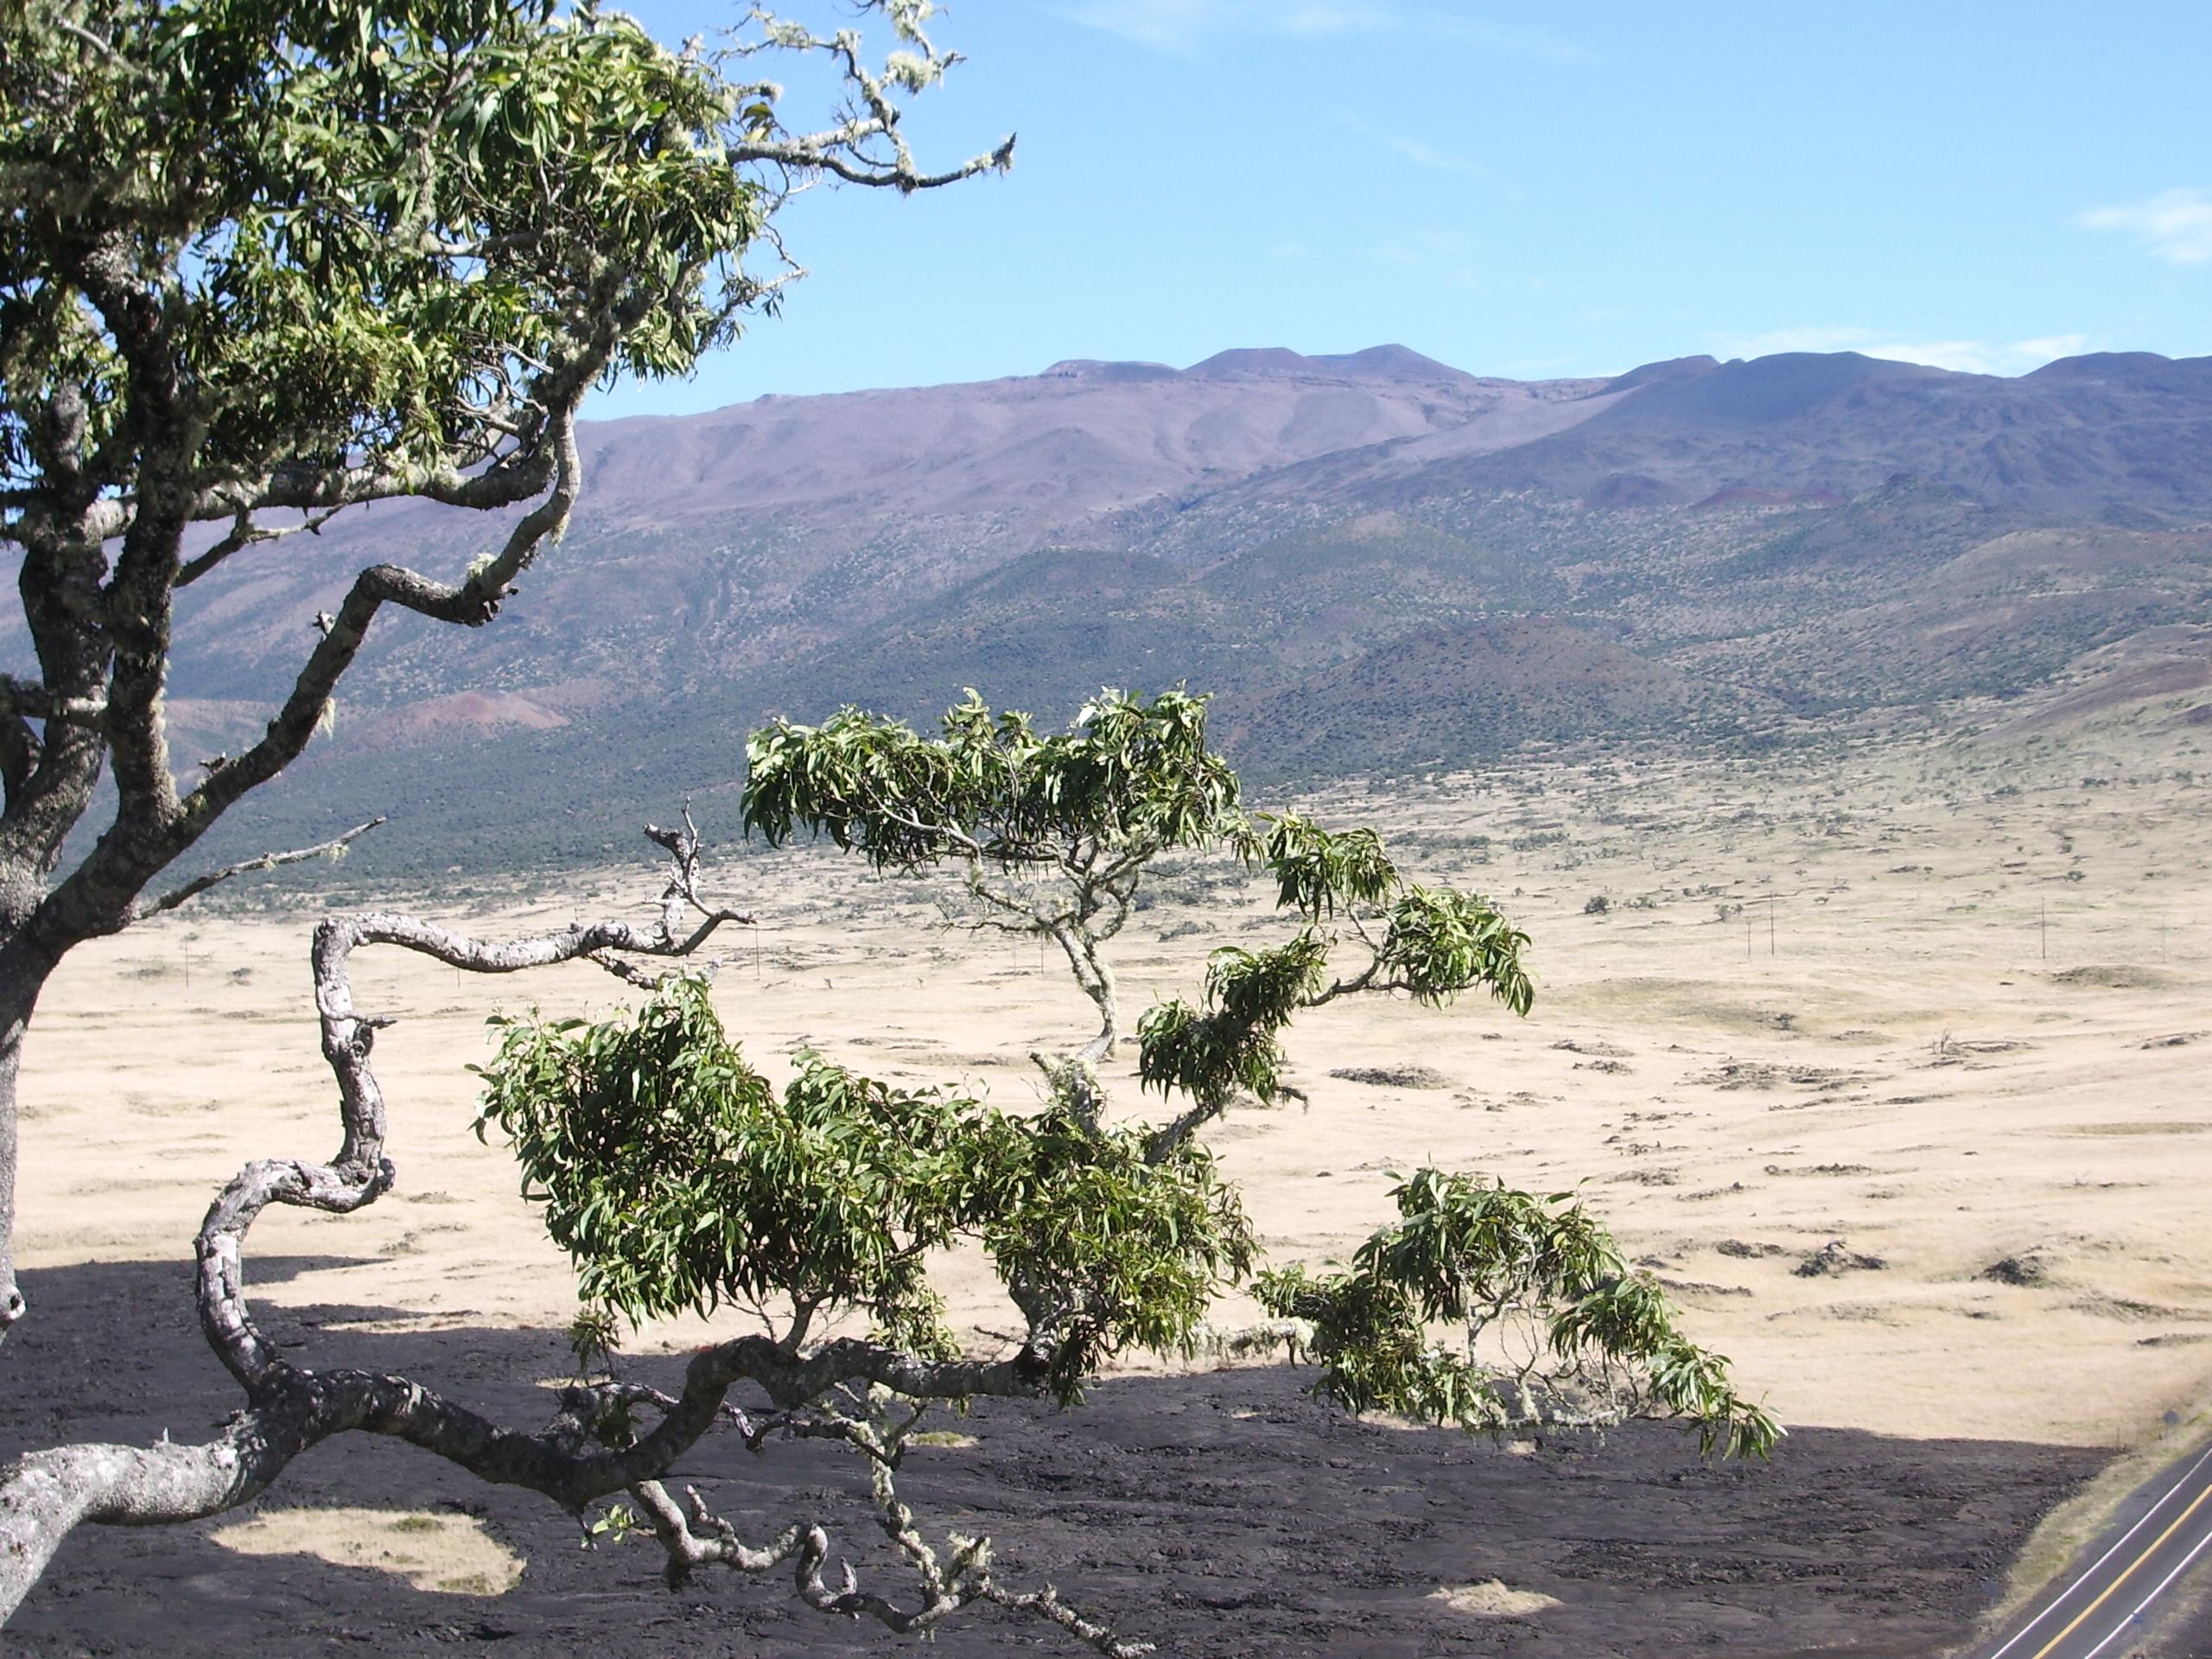 Mauna Kea From Kipuka Huluhulu Nene Sanctuary: Photo by Donald MacGowan